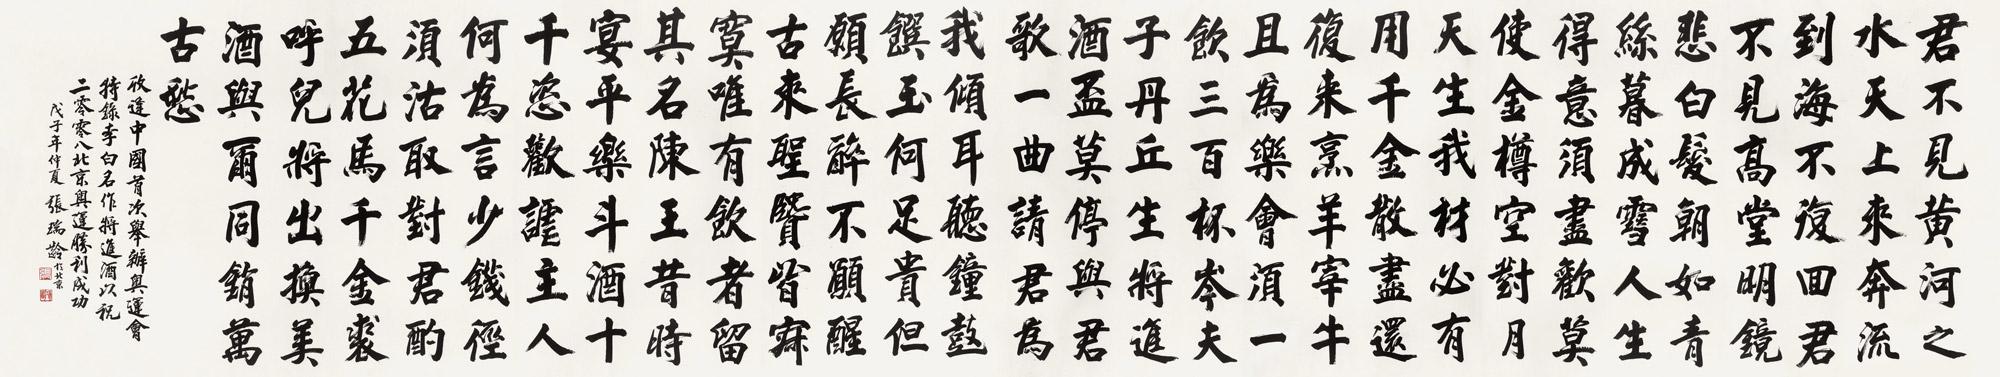 """李白《将进酒》 张瑞龄 Li Bai """"Bringing in the Wine"""" Zhang Ruiling / 189cm×955cm"""